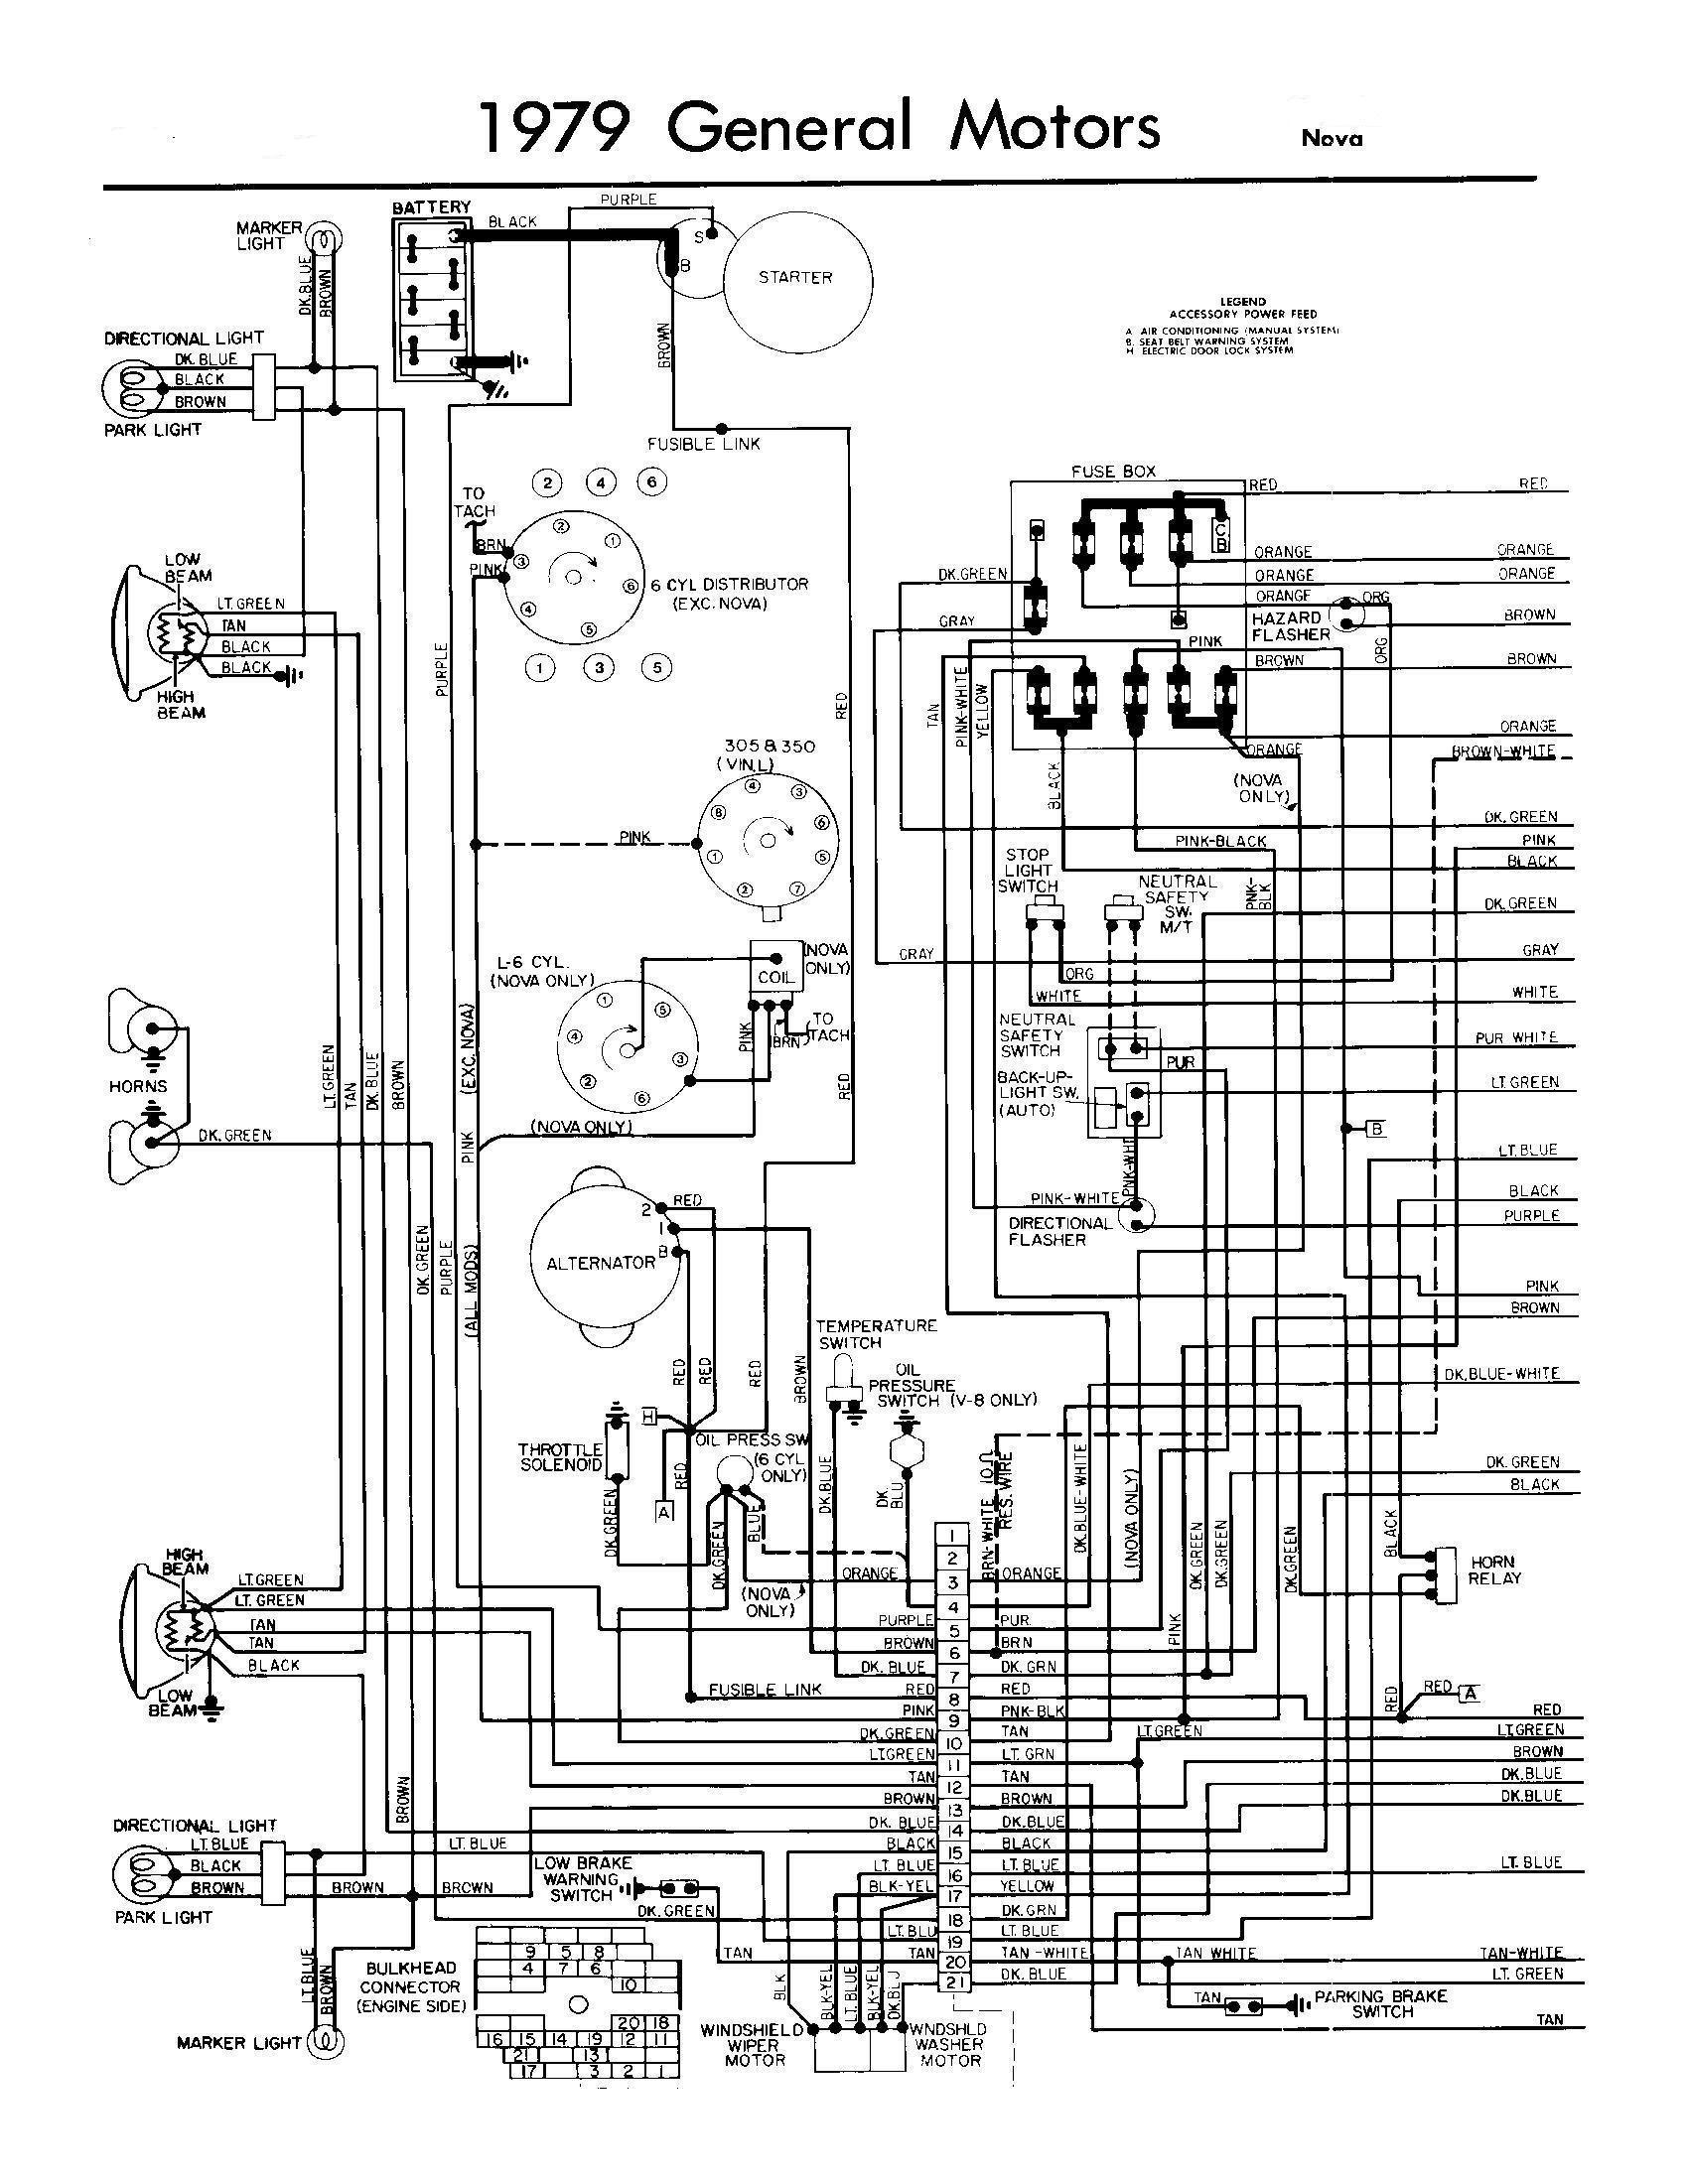 Chevy Truck Tail Light Wiring Diagram All Generation Wiring Schematics Chevy Nova forum